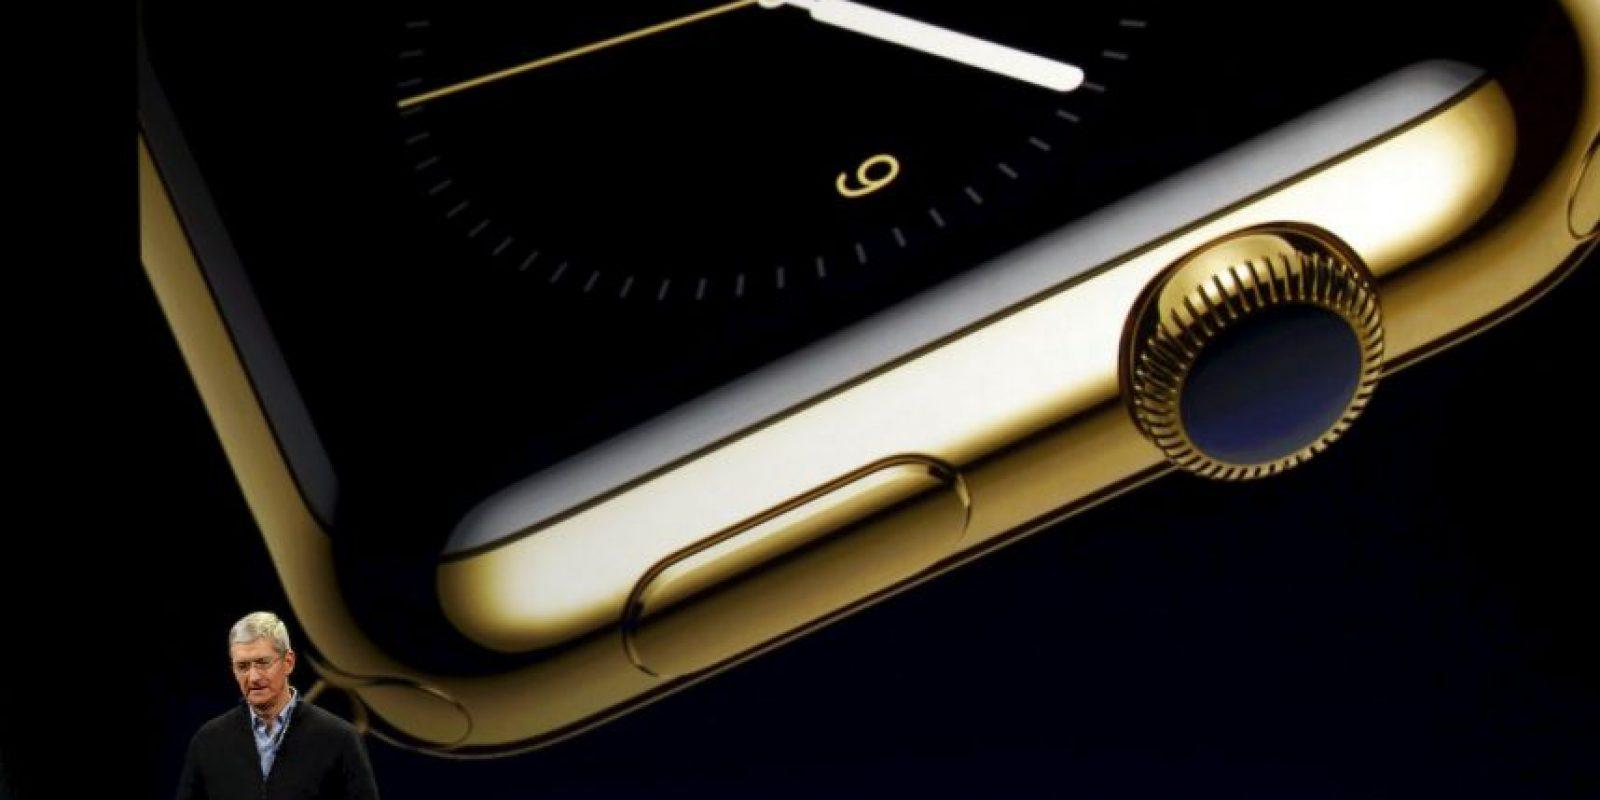 Sólo estarán listos seis millones de relojes para junio de este año. Foto:Getty